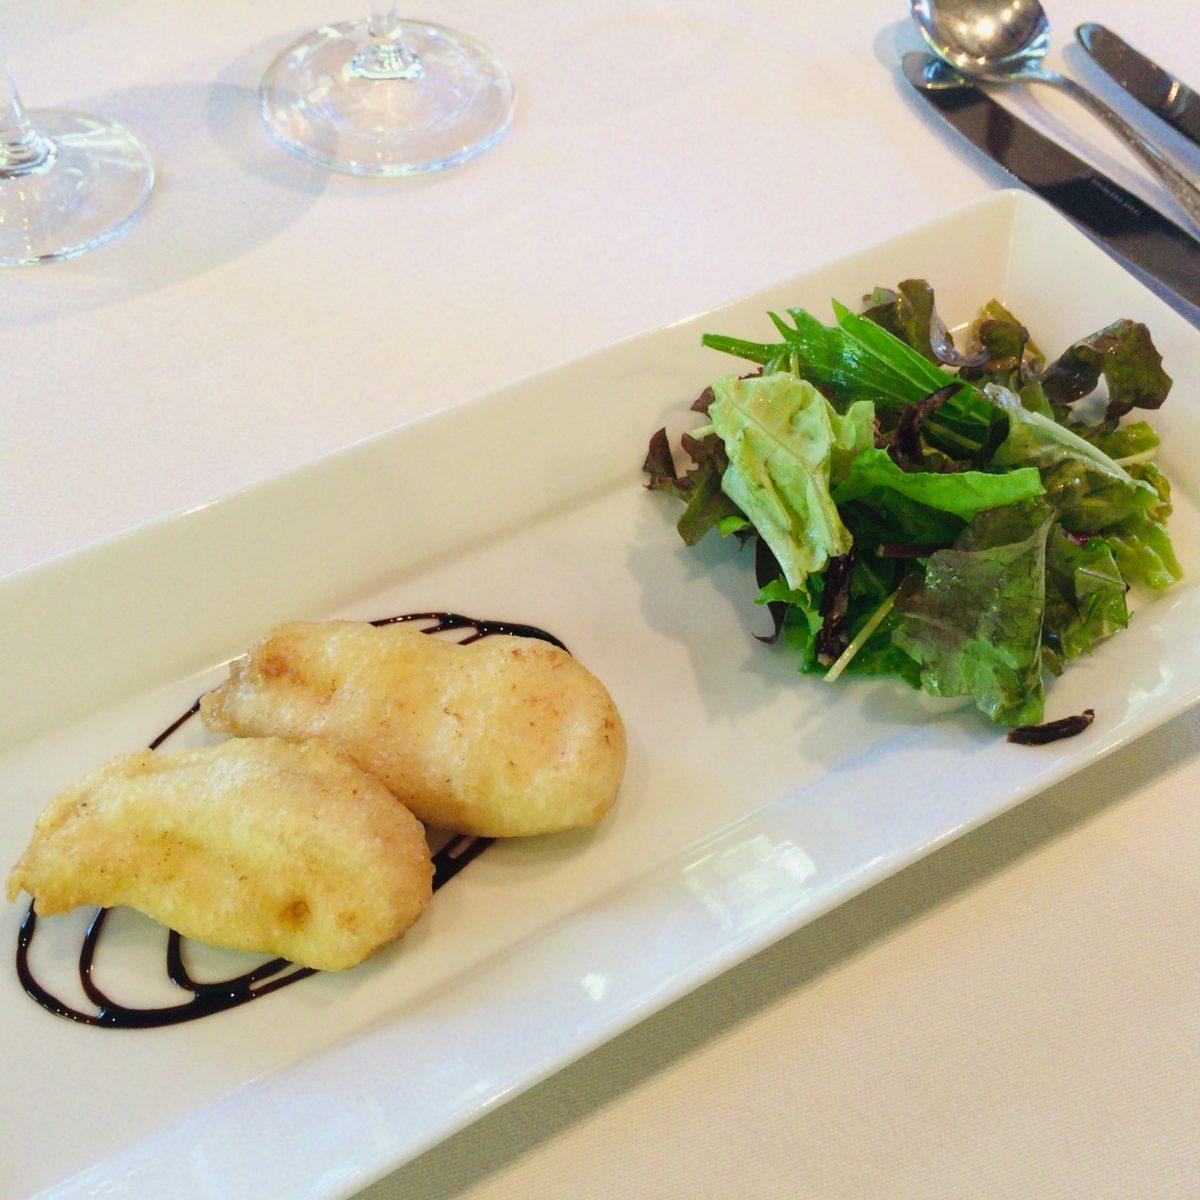 徳島産石垣鯛のサルサミコソースがけ 自家製鹿肉のサラミが入ったサラダ